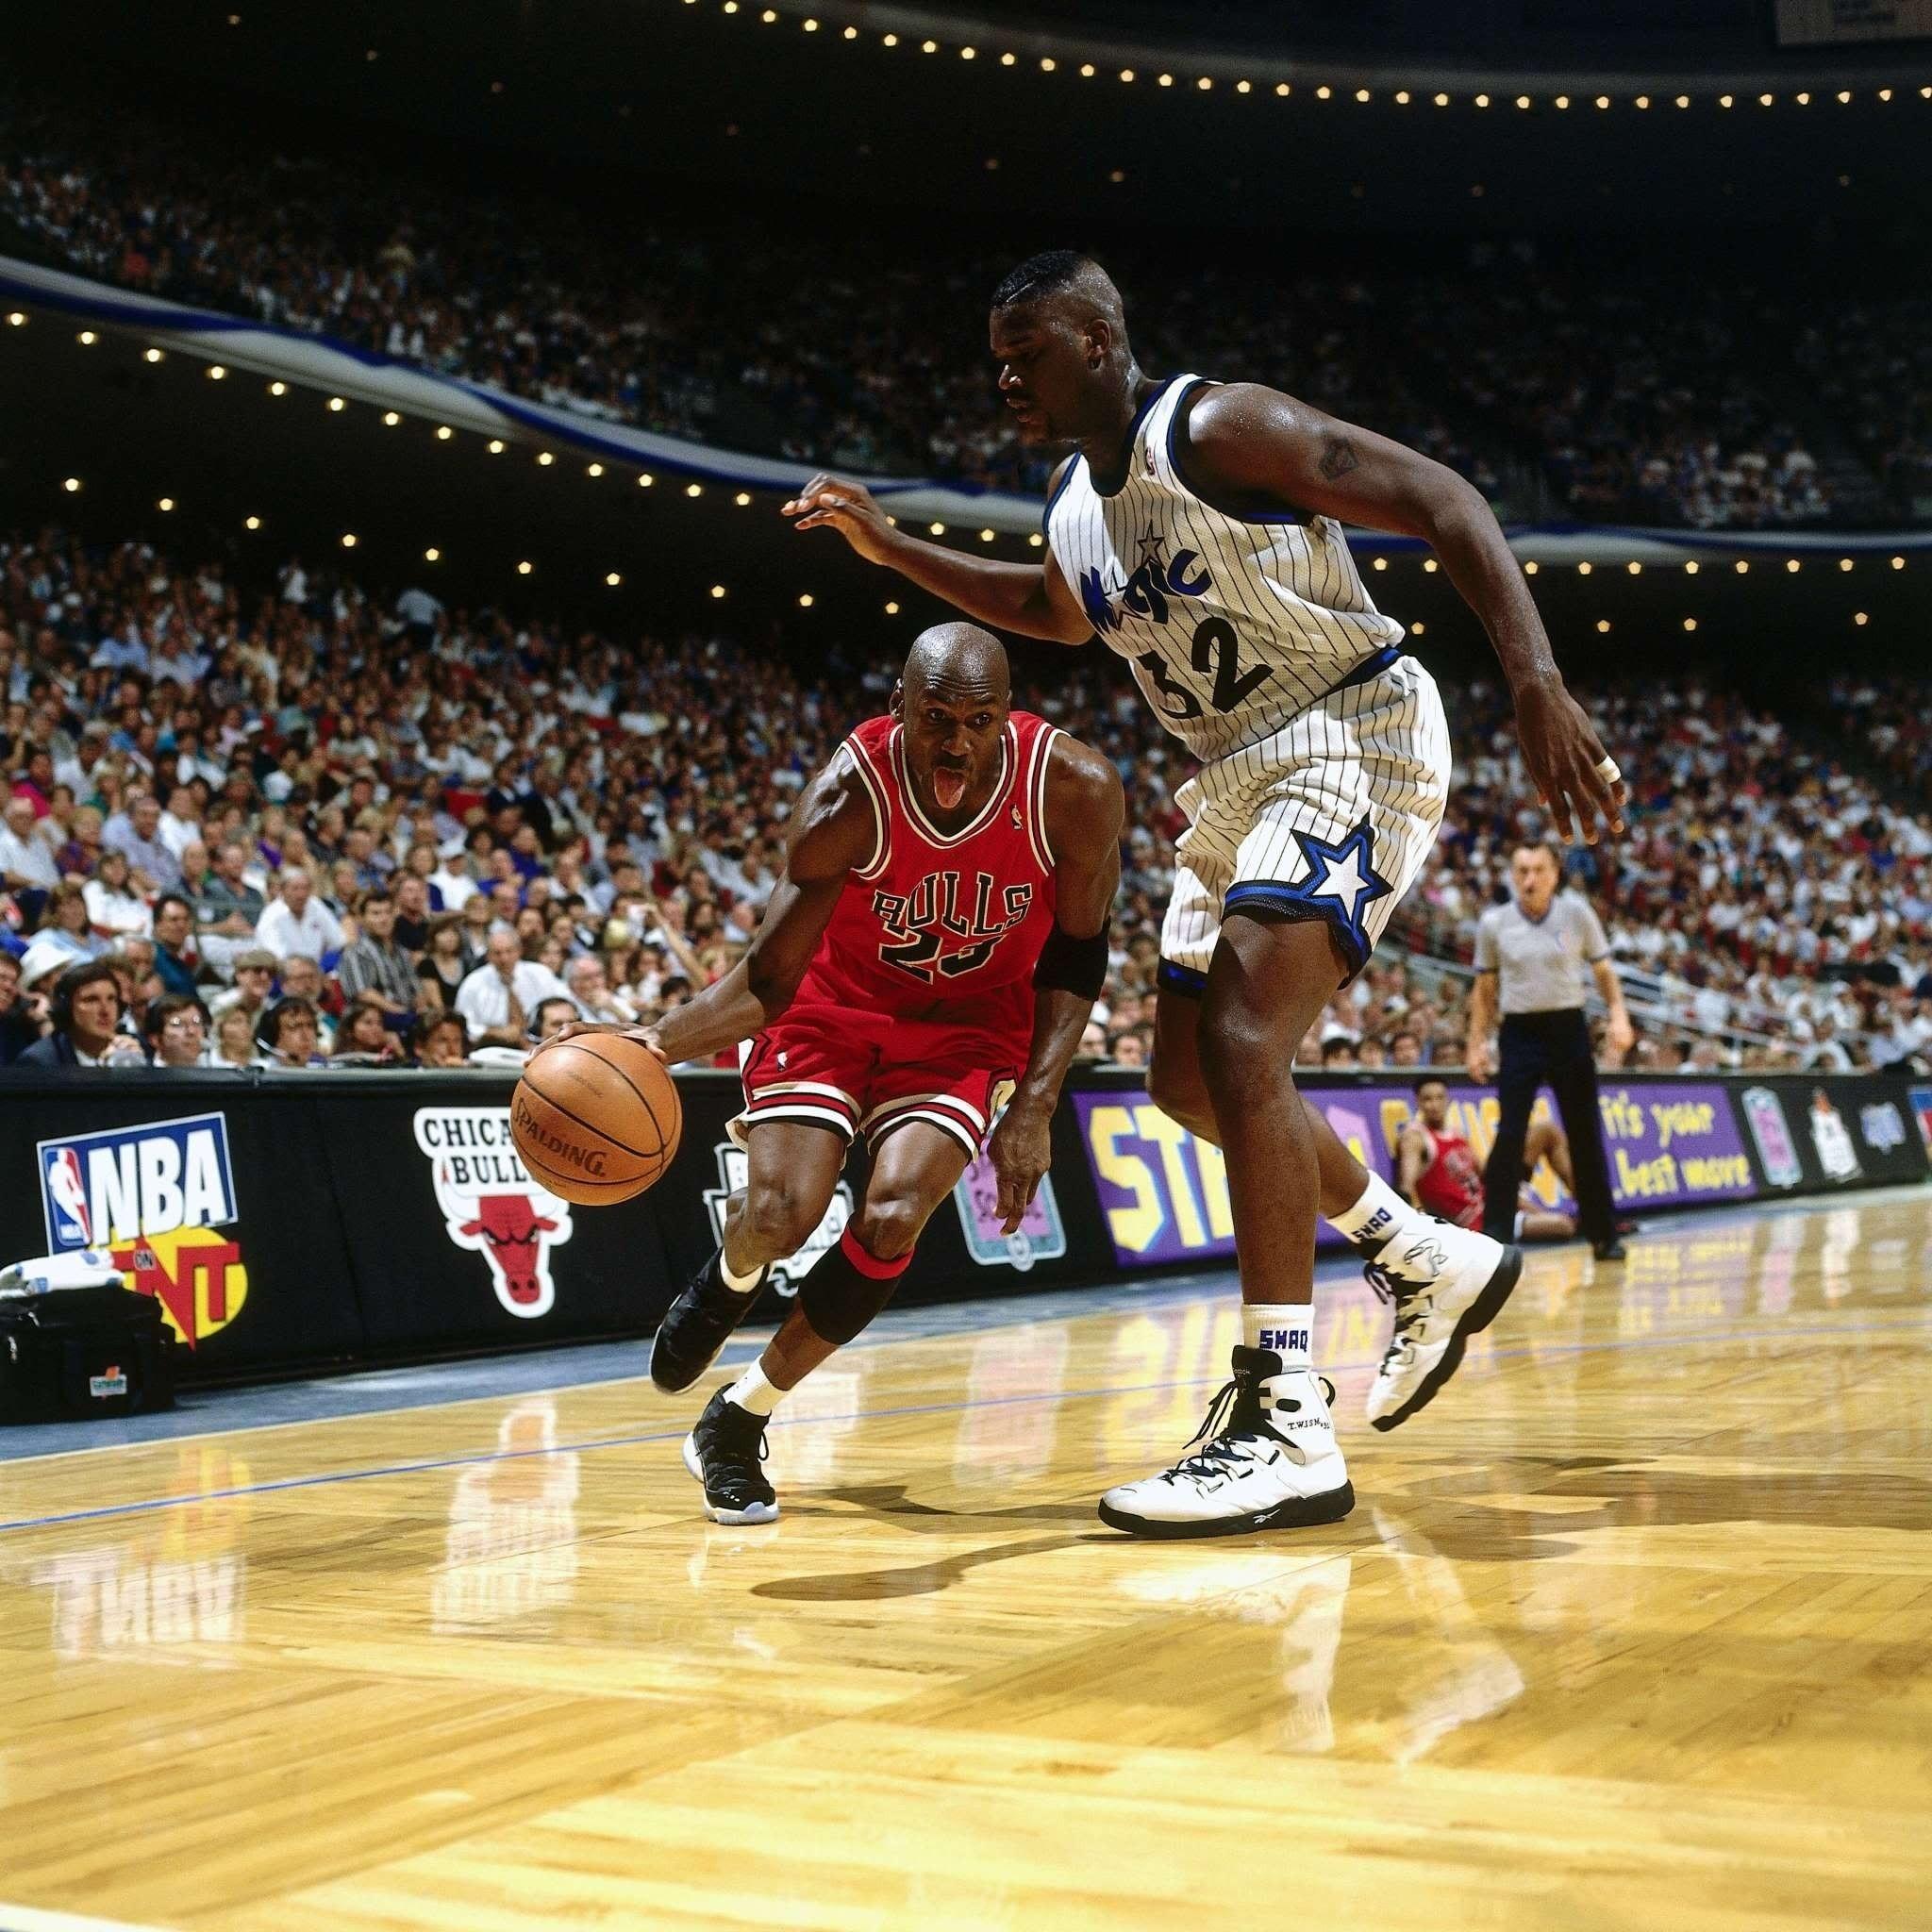 Michael Jordan IPhone 6 Wallpaper (63+ Images